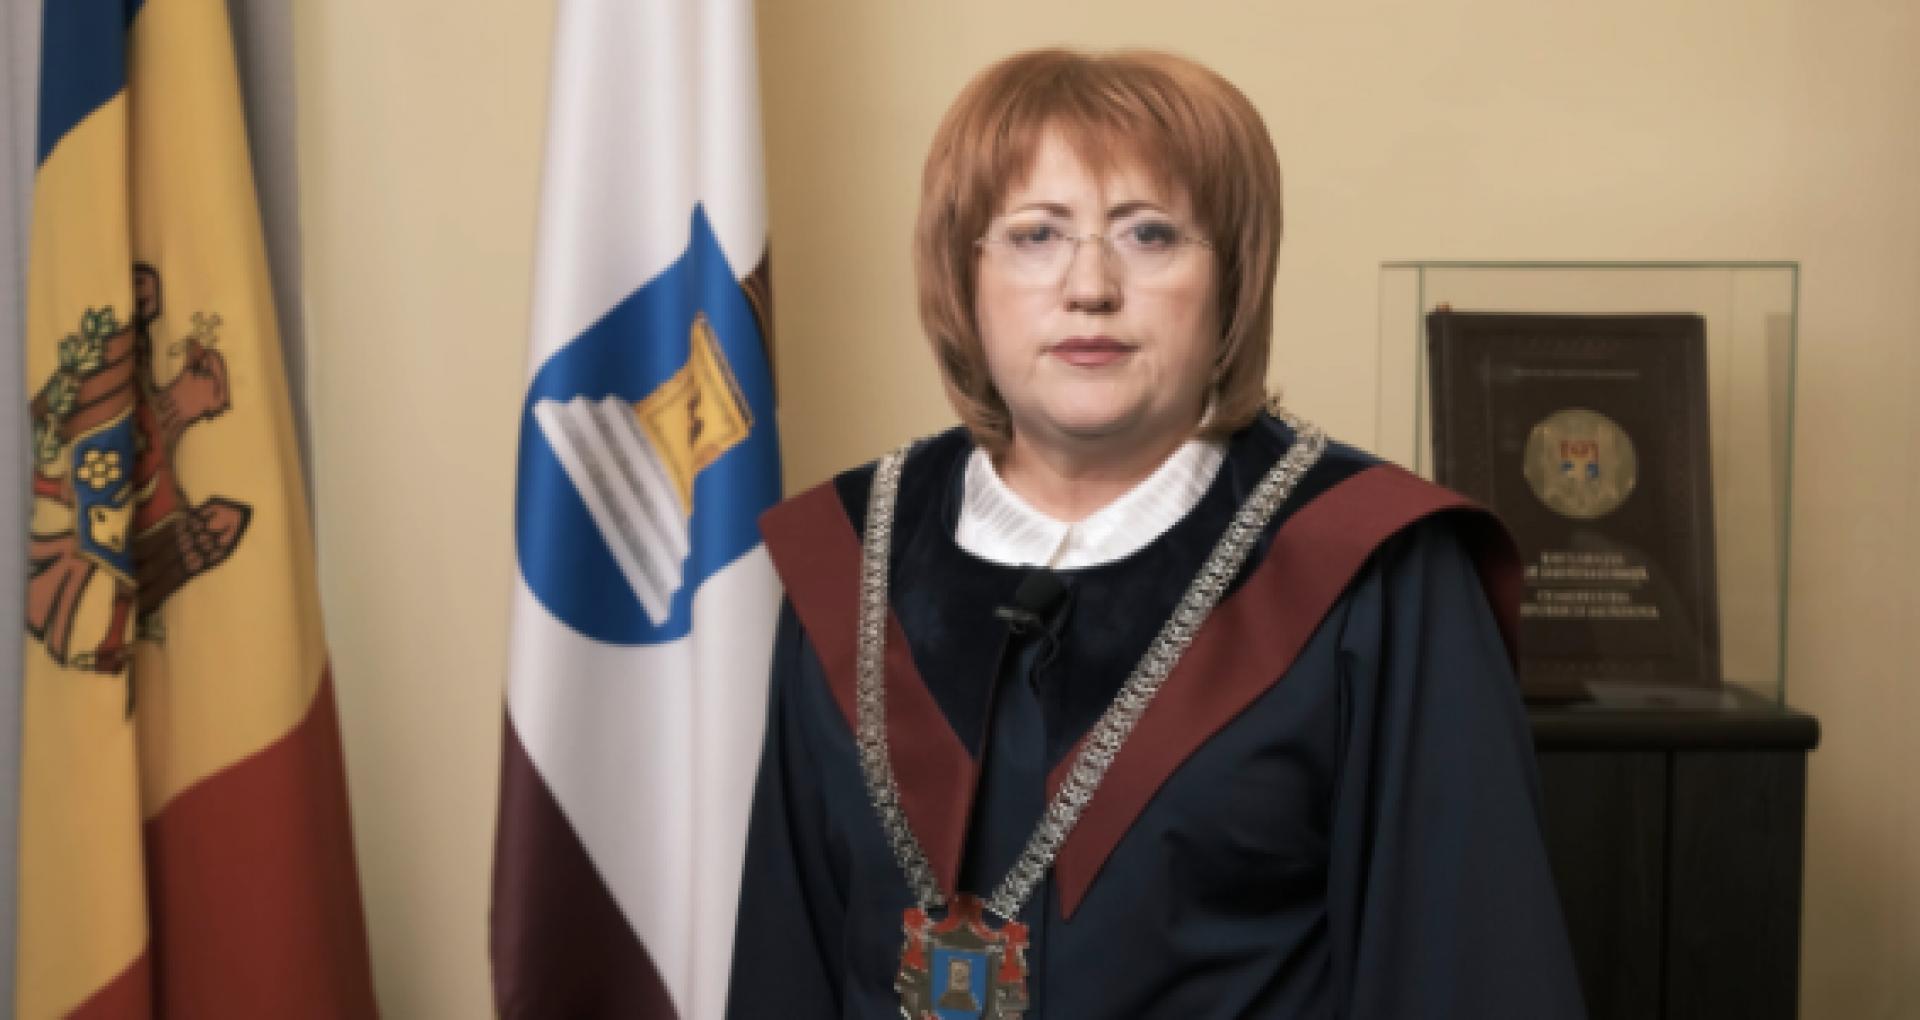 DOC/ Comisia de la Veneția i-a transmis o scrisoare președintei CC, Domnica Manole, în contextul controlului inițiat de ANI în privința ei